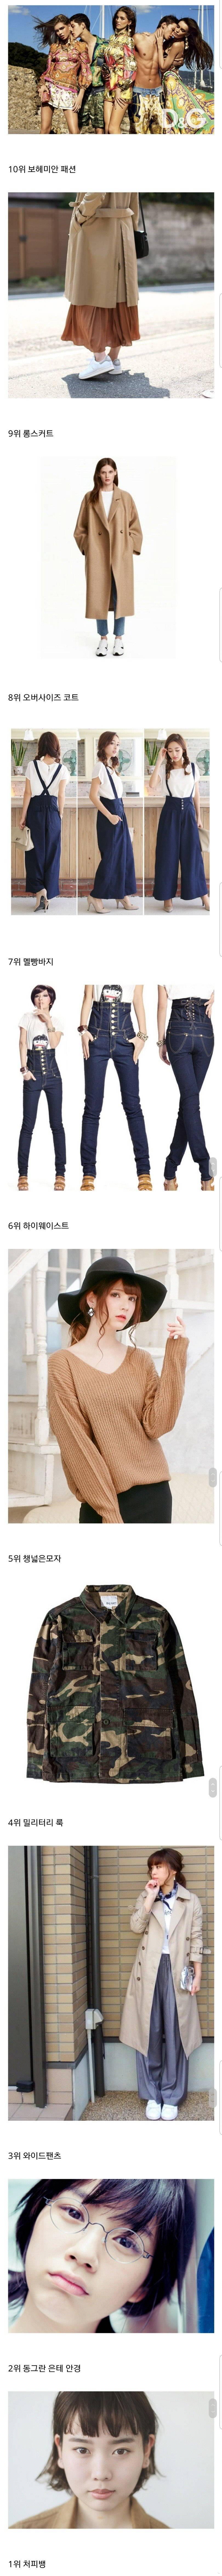 일본의 2-30대 남자가 꼽은 최악의 여자 패션.jpg